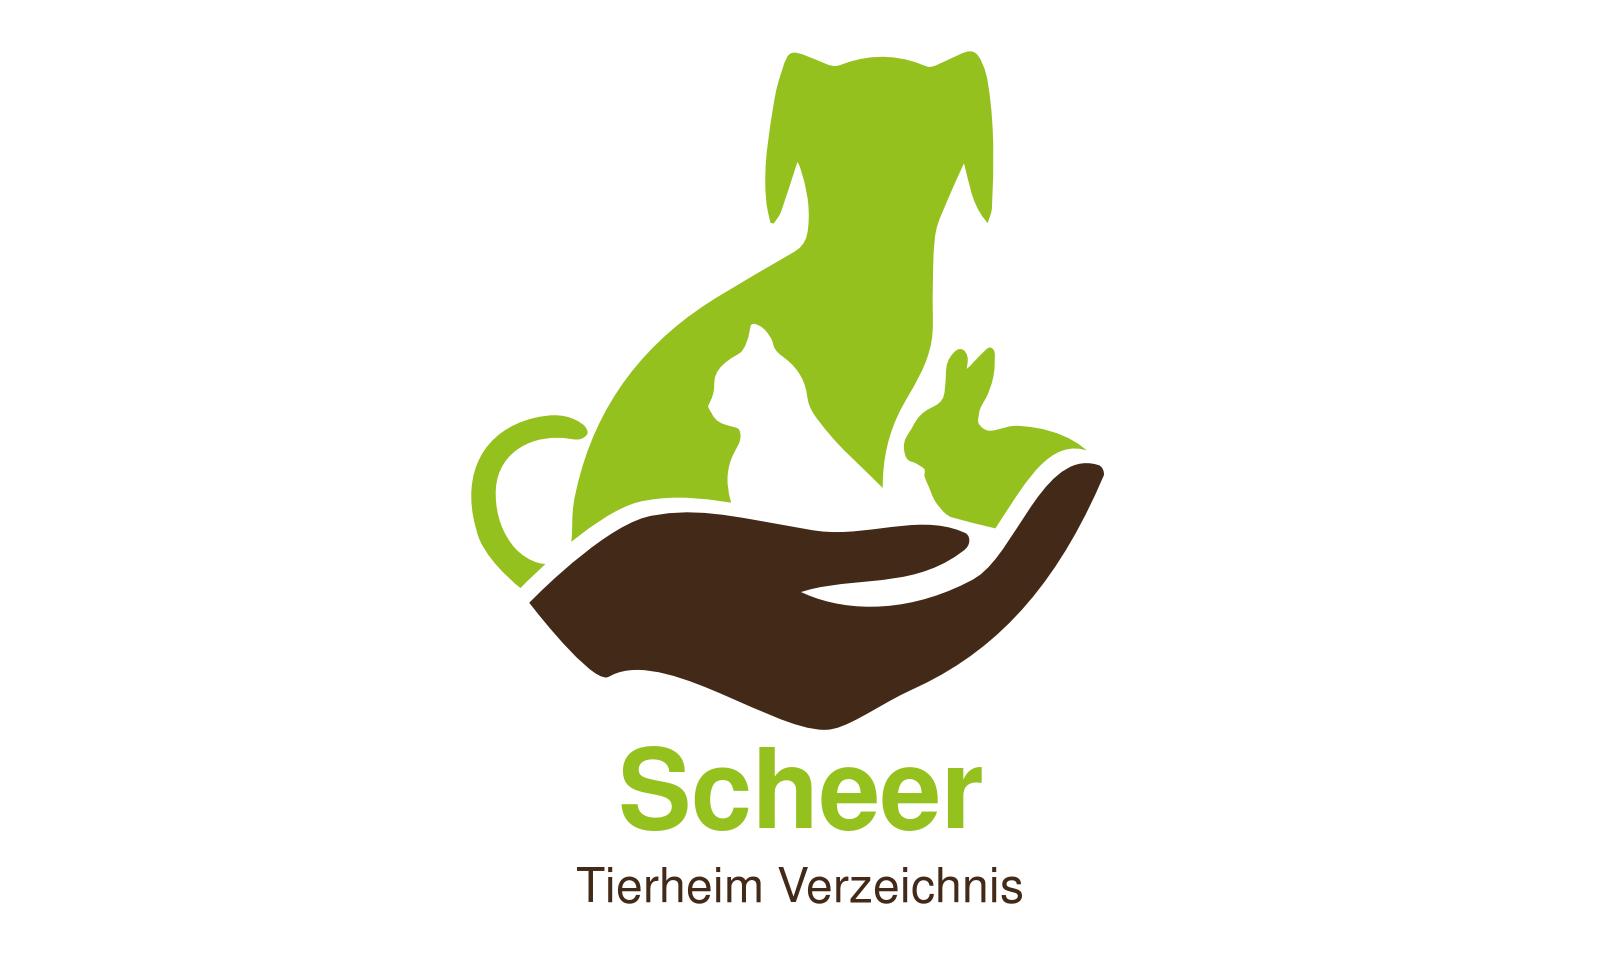 Tierheim Scheer